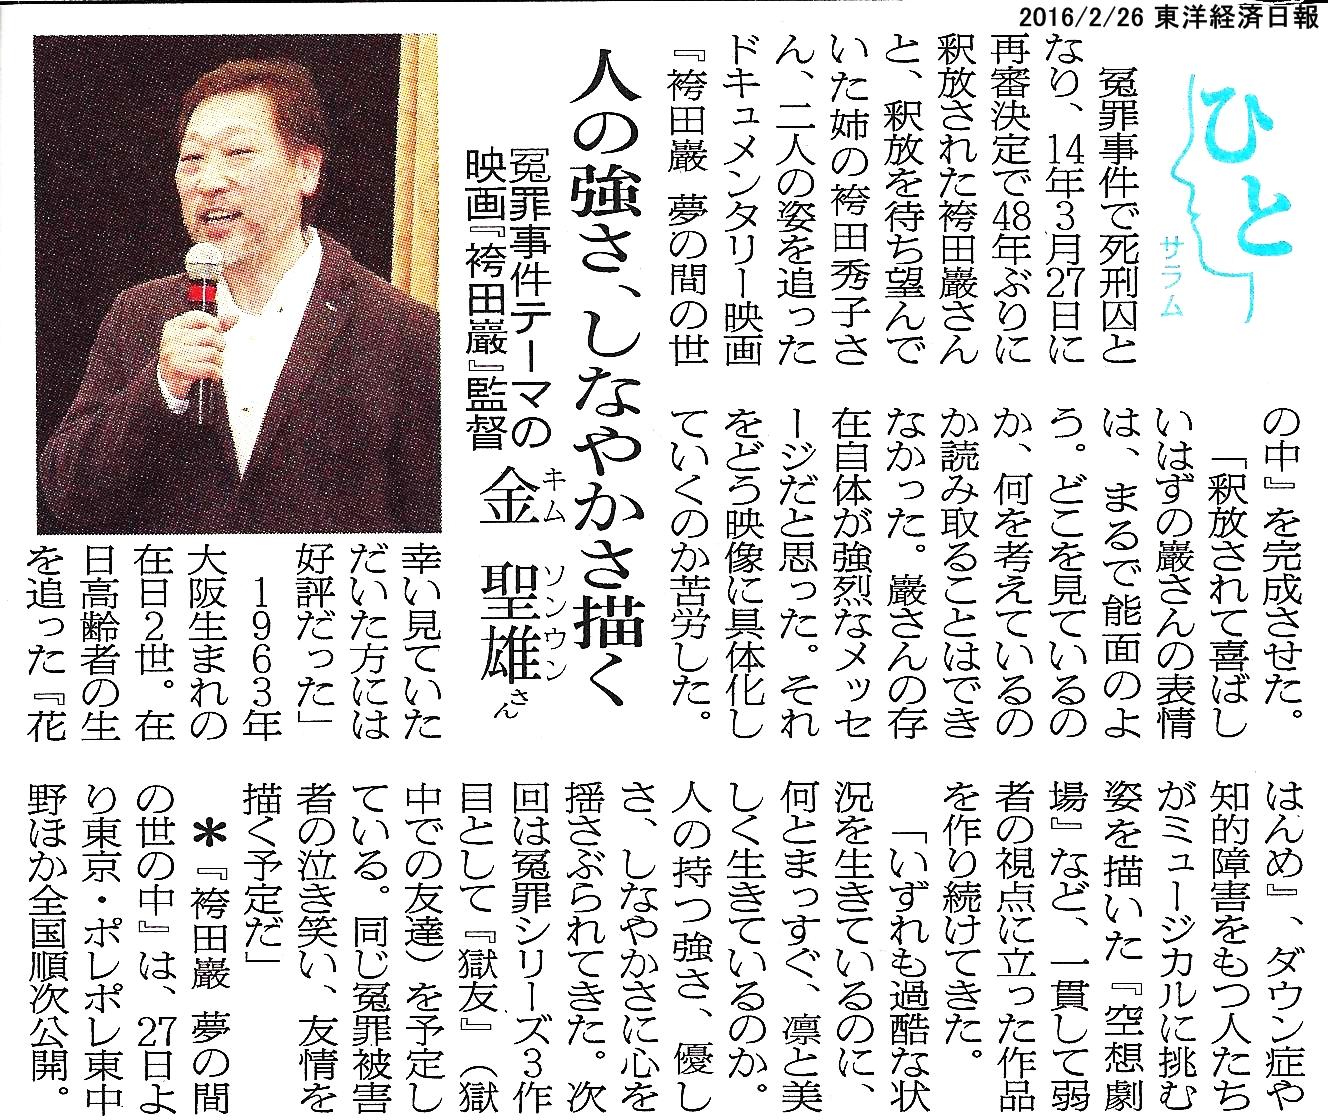 2016.2.26東洋経済日報